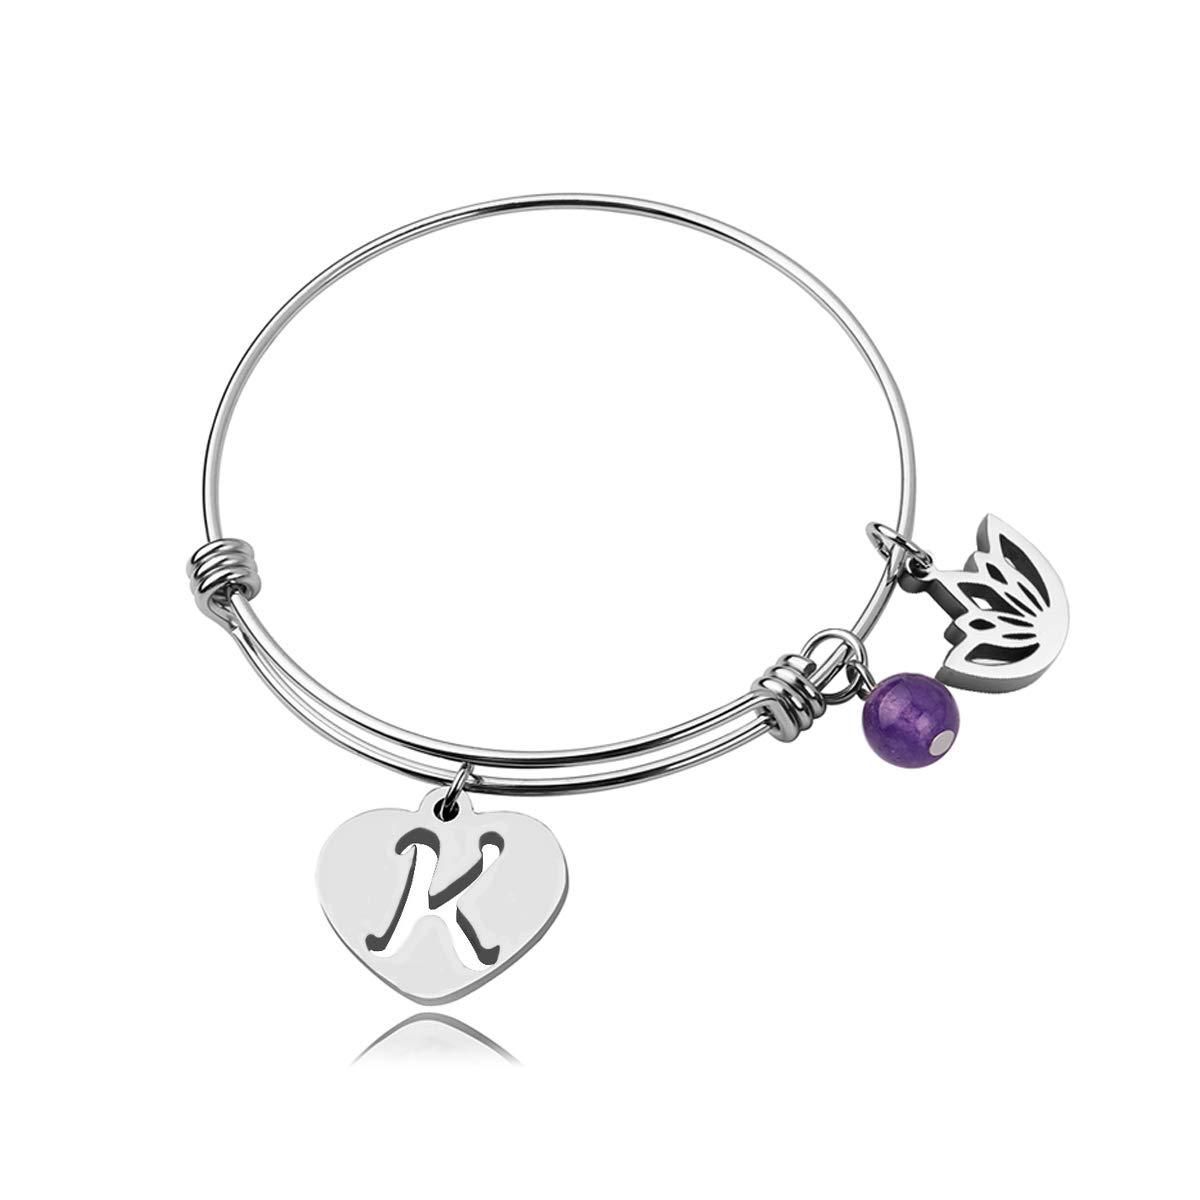 RUNXINTD Initial Bracelet Letter Bracelet Amethyst Charm Lotus Wire Bangle Bracelet for Women Girls, (K)